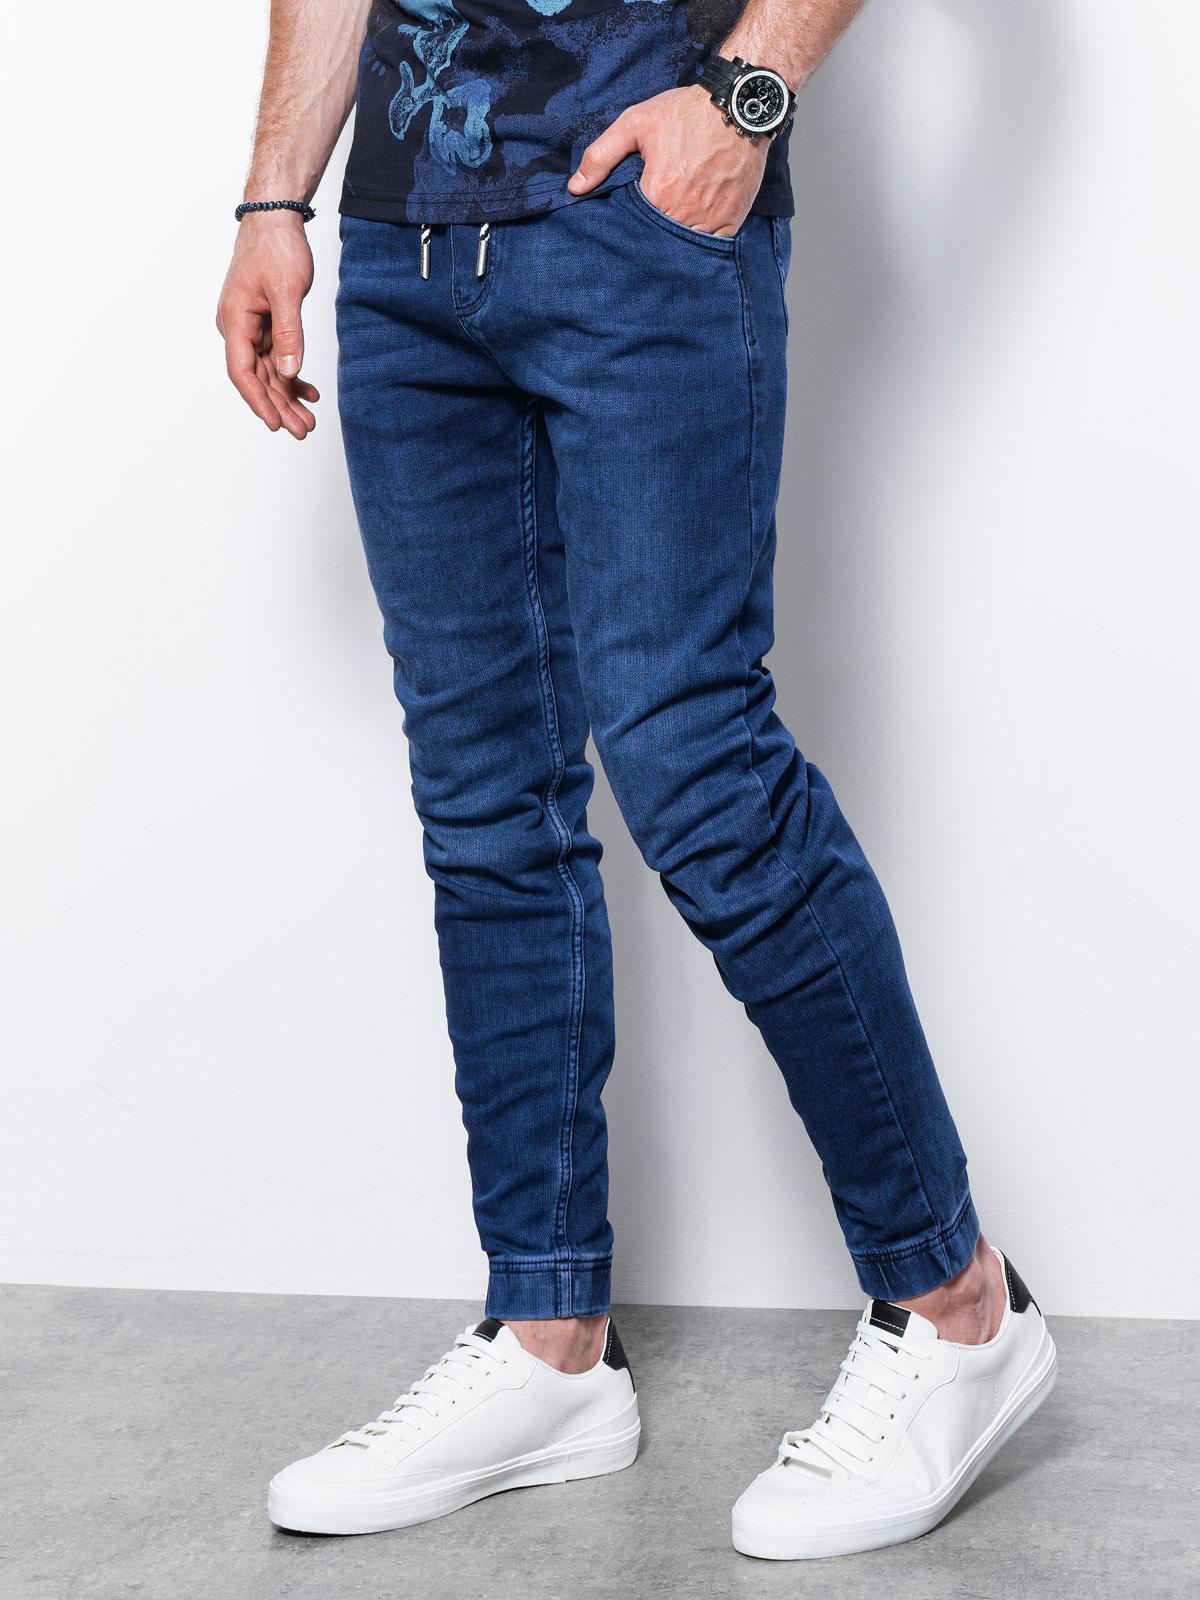 Spodnie męskie jeansowe joggery P907 - niebieskie